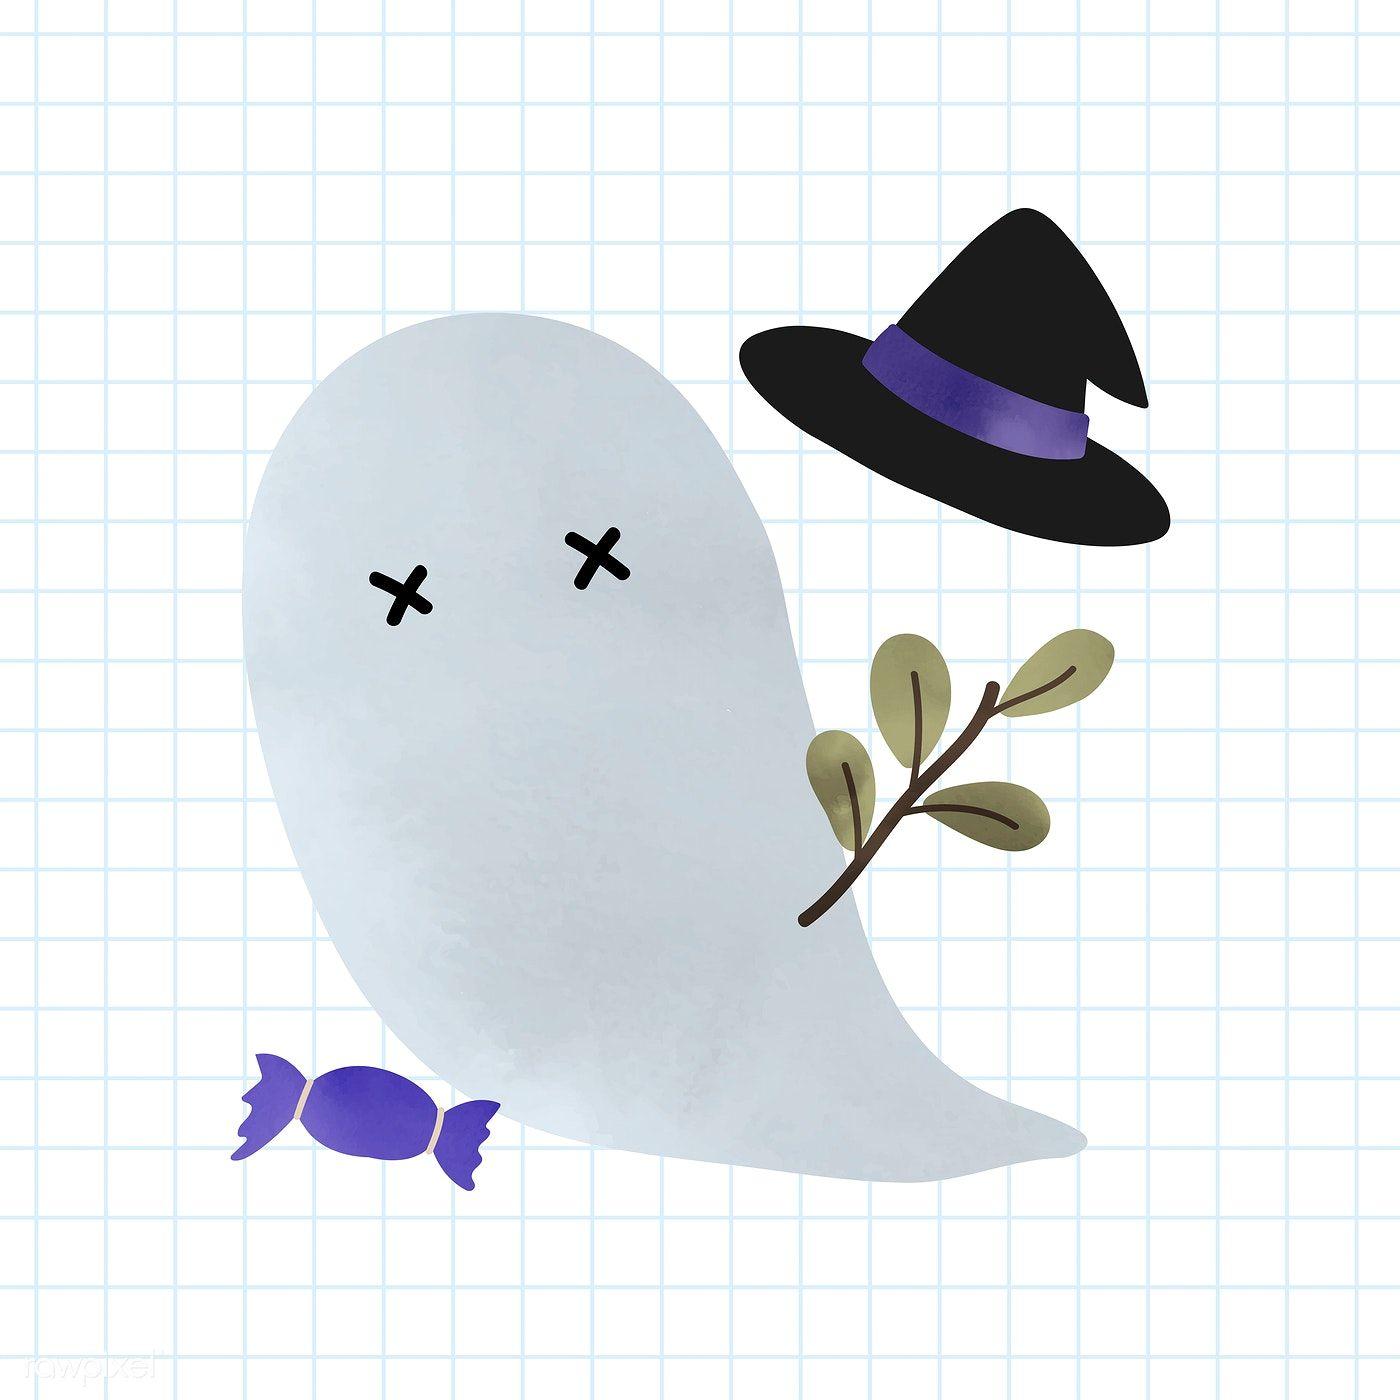 Download premium vector of Cute ghost Halloween design